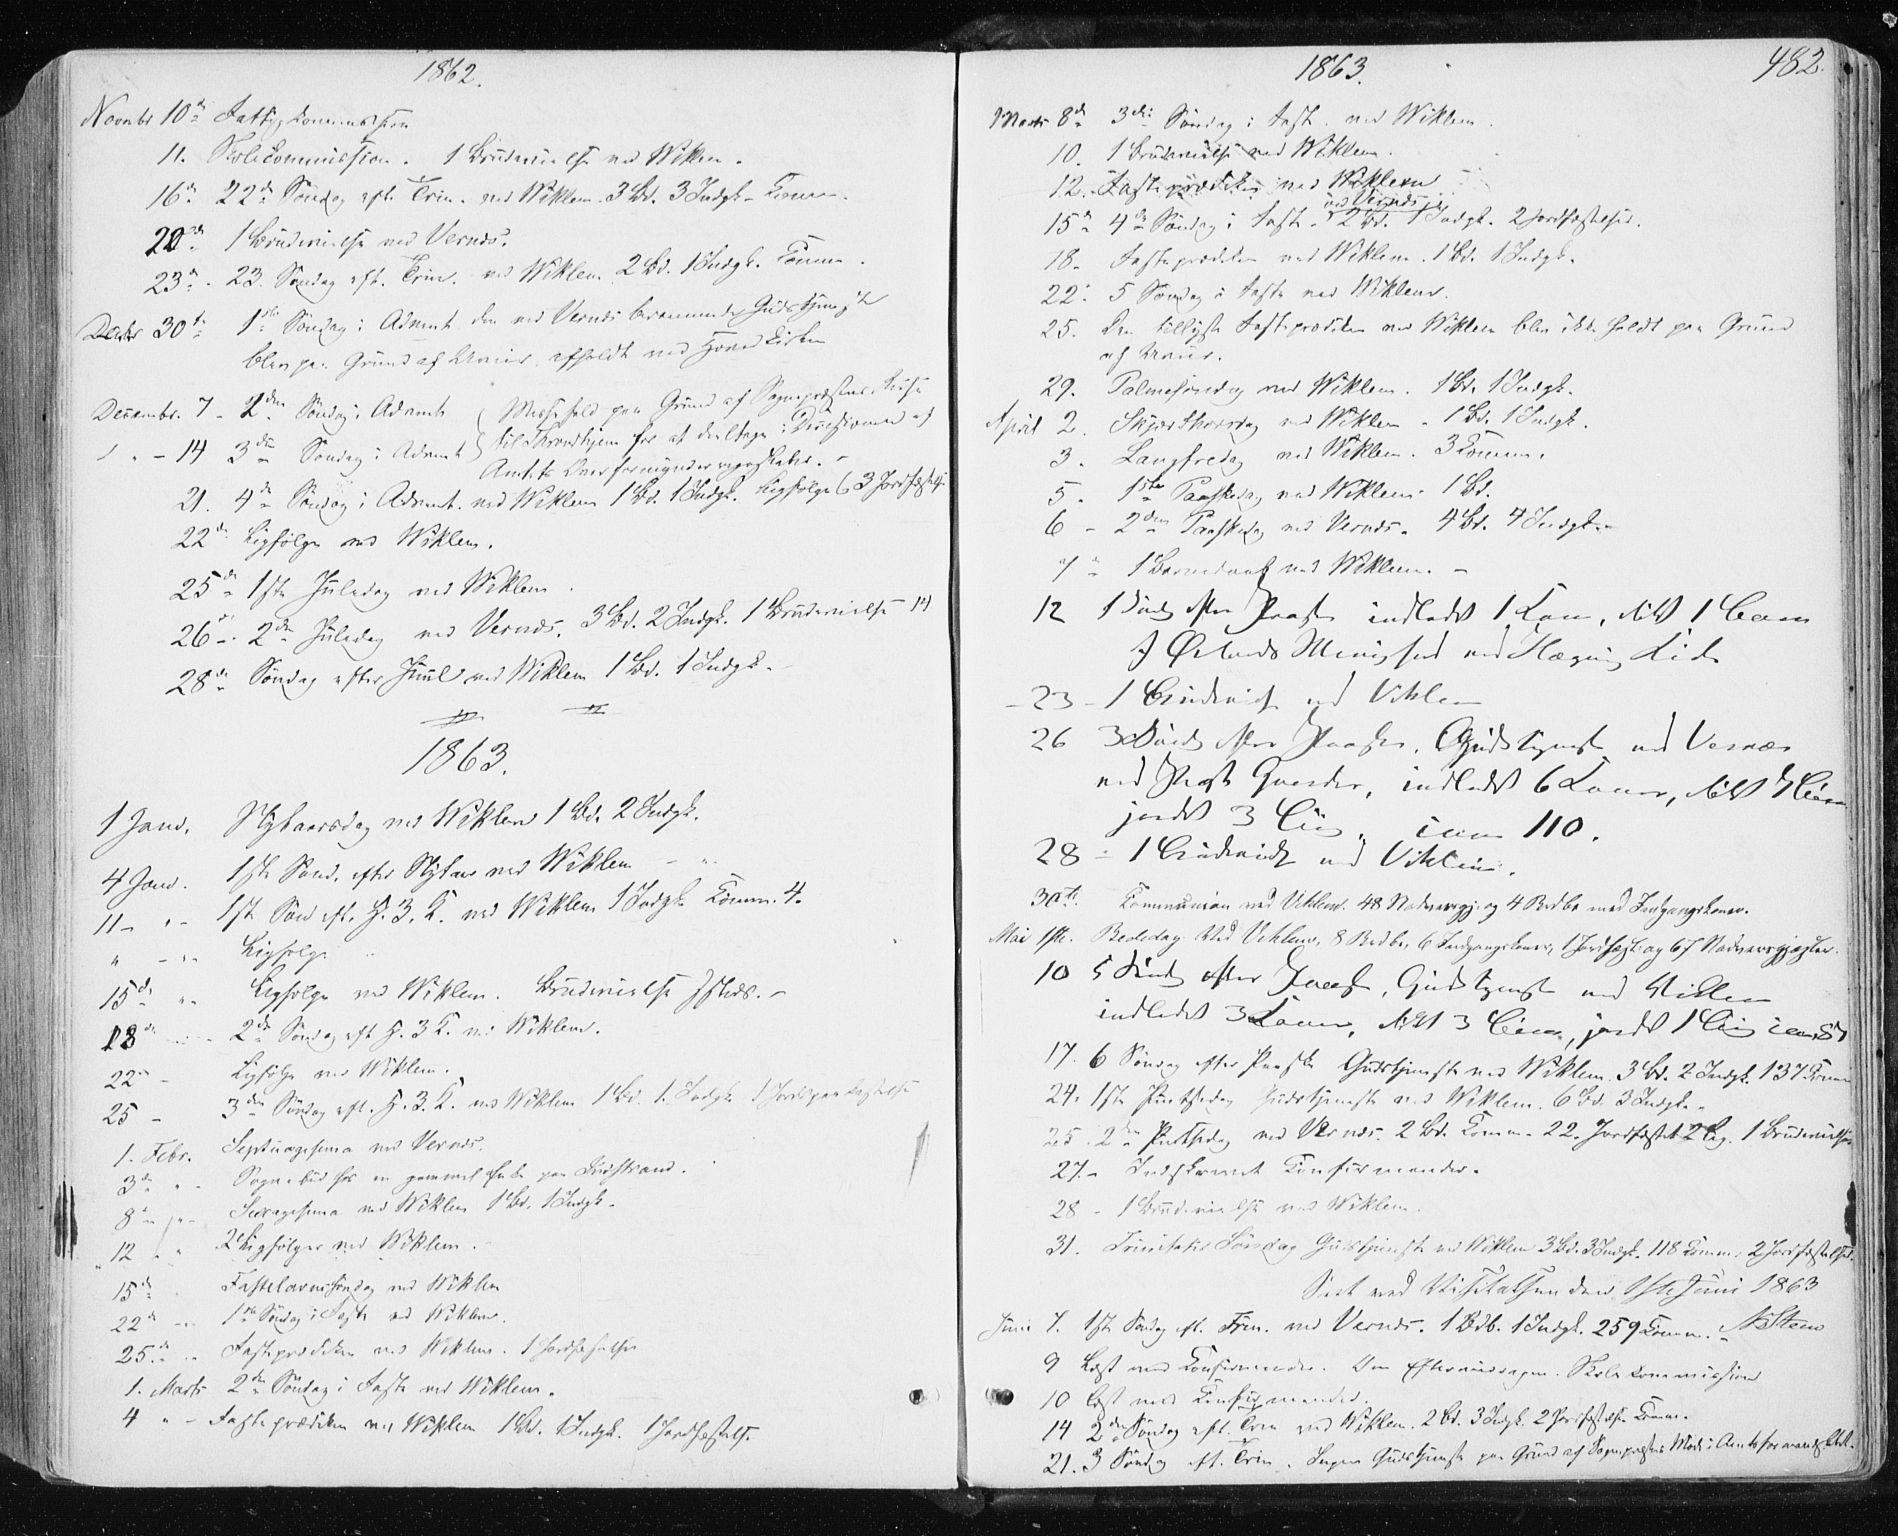 SAT, Ministerialprotokoller, klokkerbøker og fødselsregistre - Sør-Trøndelag, 659/L0737: Ministerialbok nr. 659A07, 1857-1875, s. 482